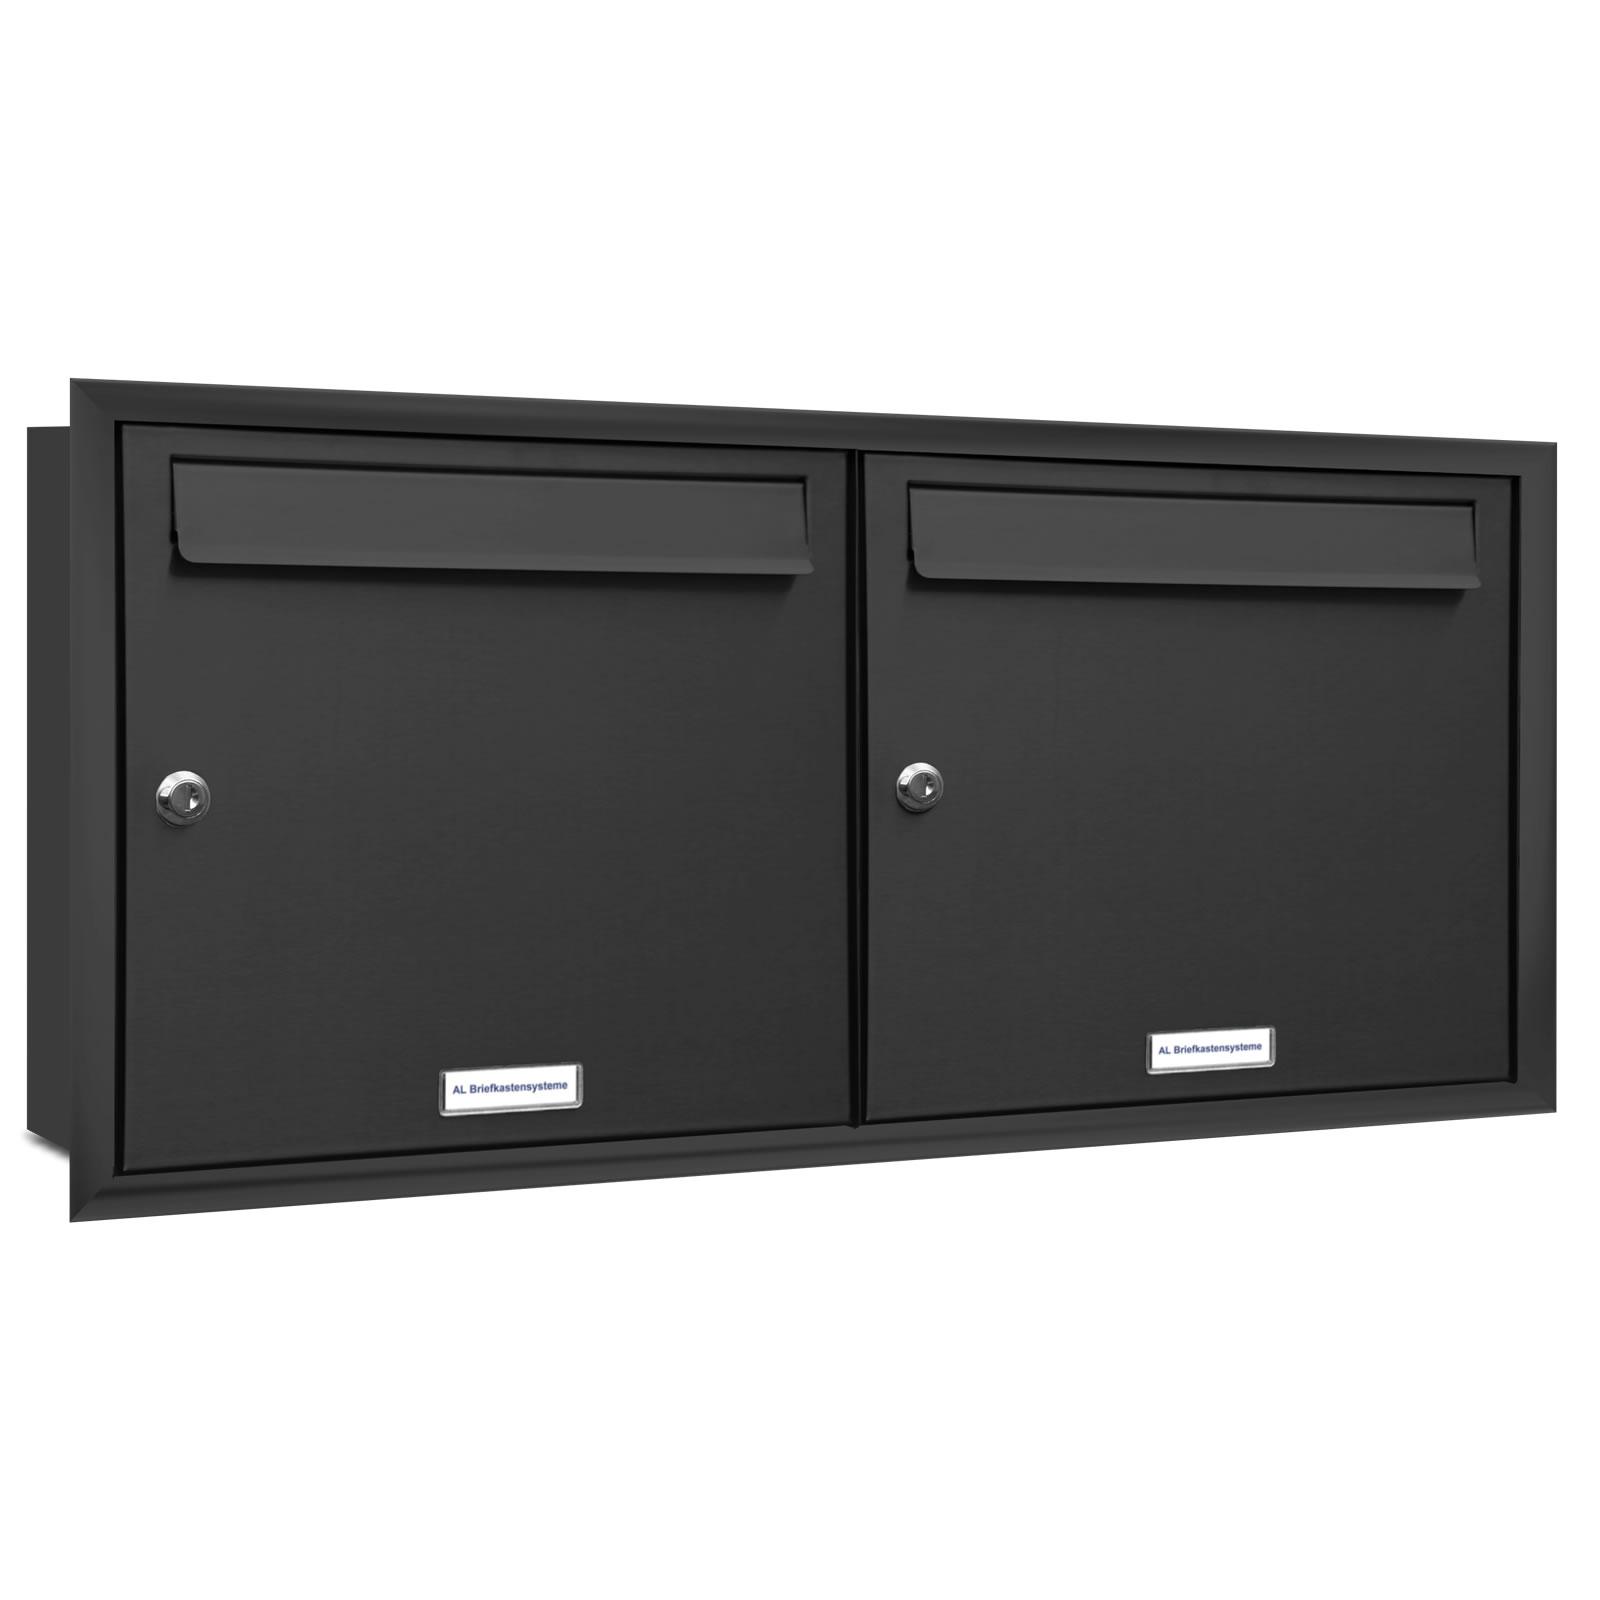 2er 2x1 briefkasten anlage unterputz montage ral 7016. Black Bedroom Furniture Sets. Home Design Ideas